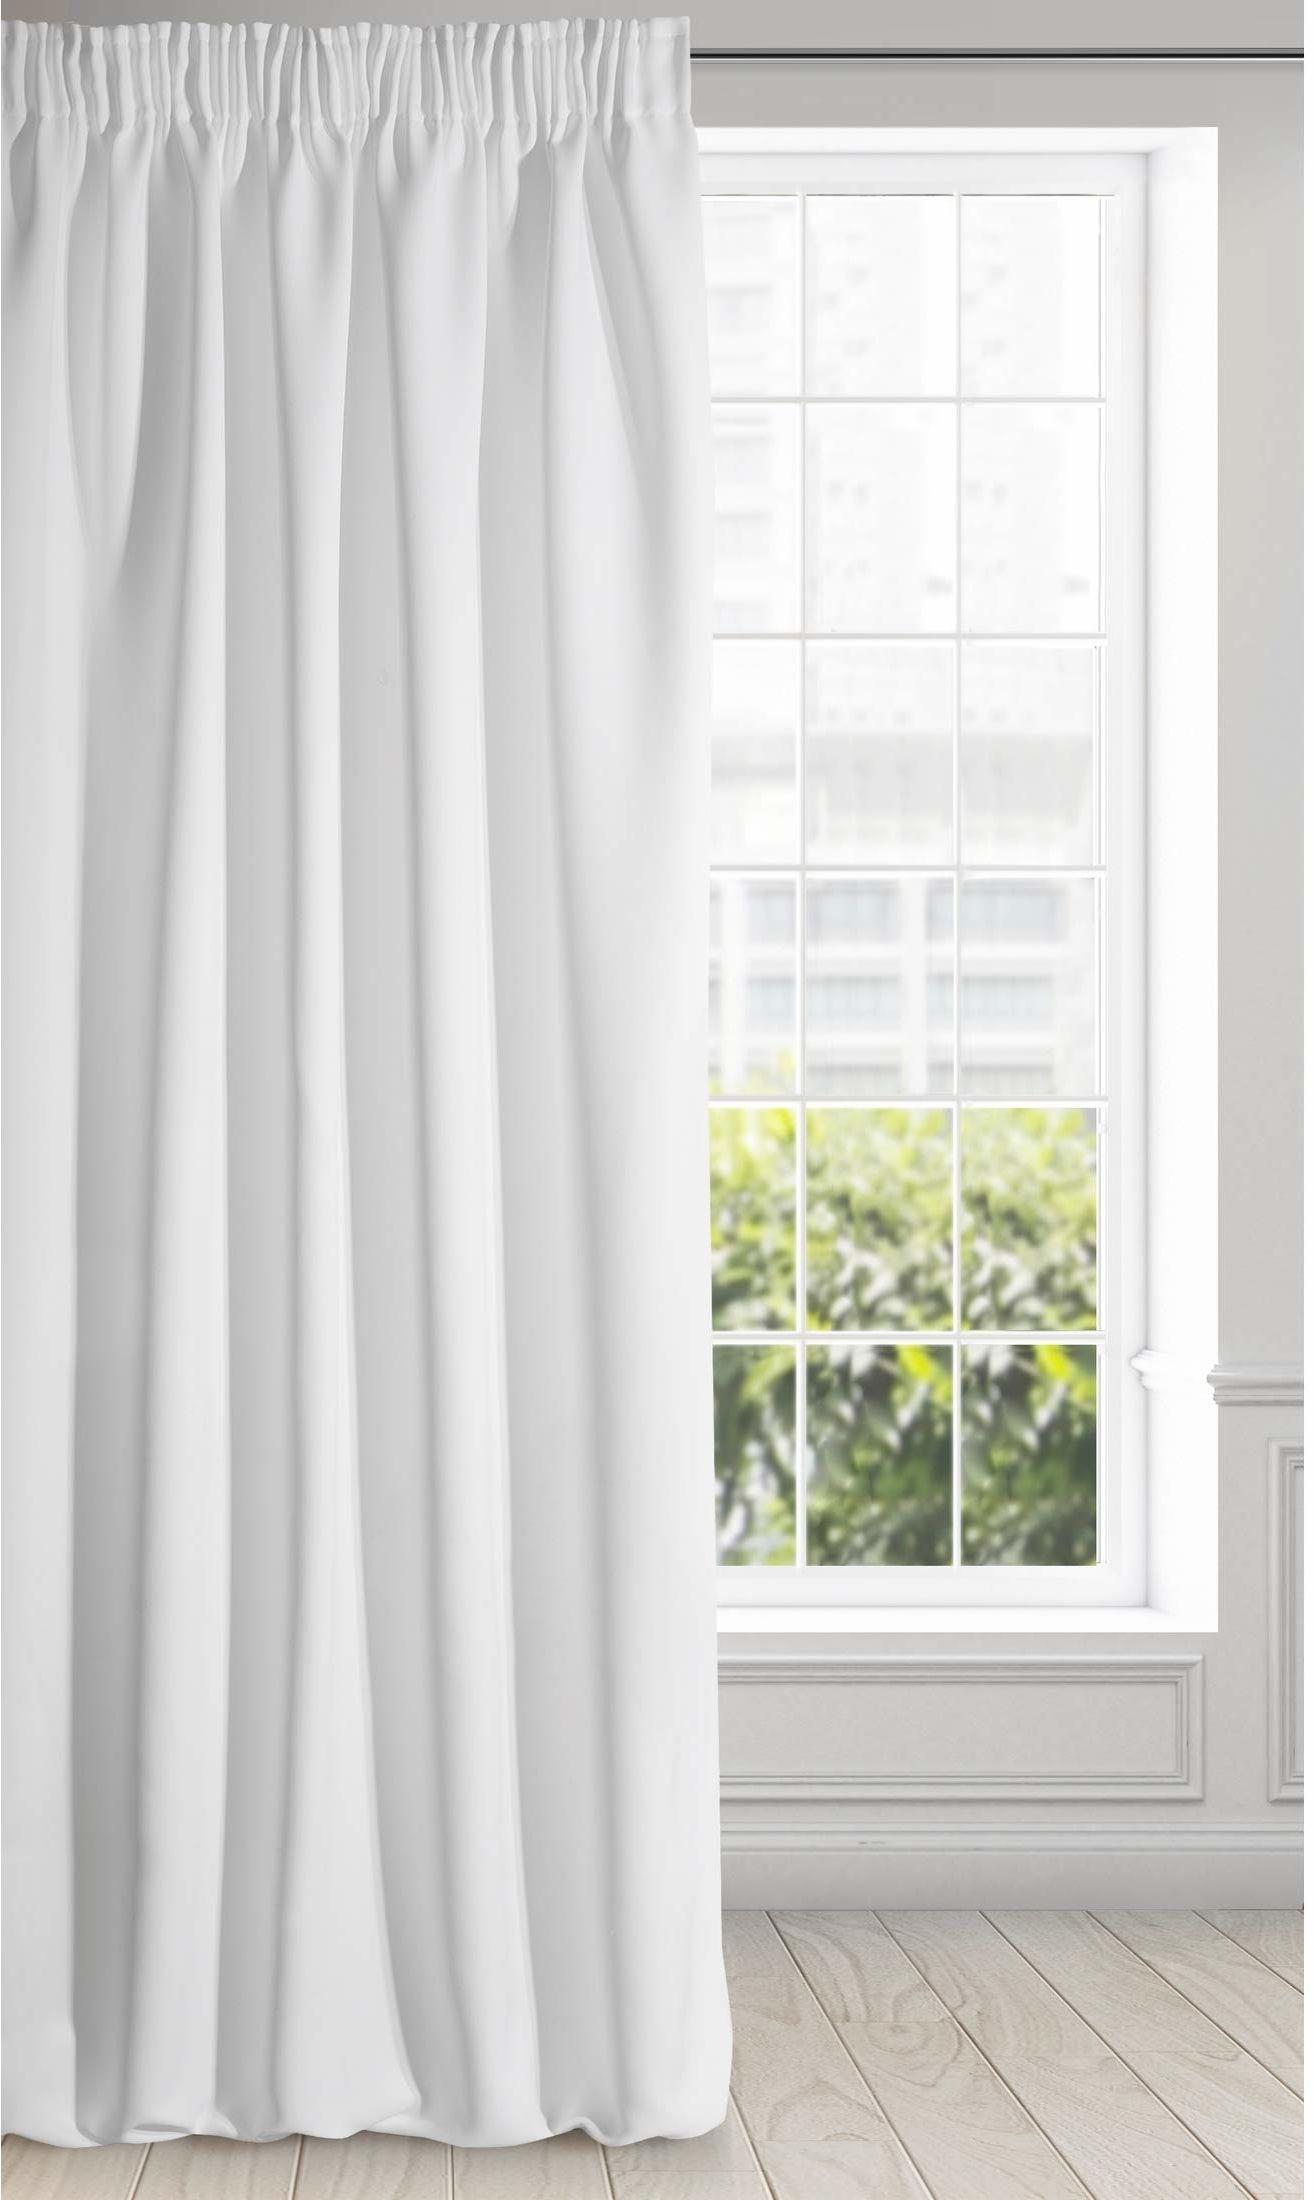 Eurofirany Logan zaciemniająca zasłona nieprzejrzysta, satynowa marszczona taśma marszcząca firanka jednokolorowa 1 szt. nowoczesny salon sypialnia pokój dziecięcy biały, 135 x 270 cm